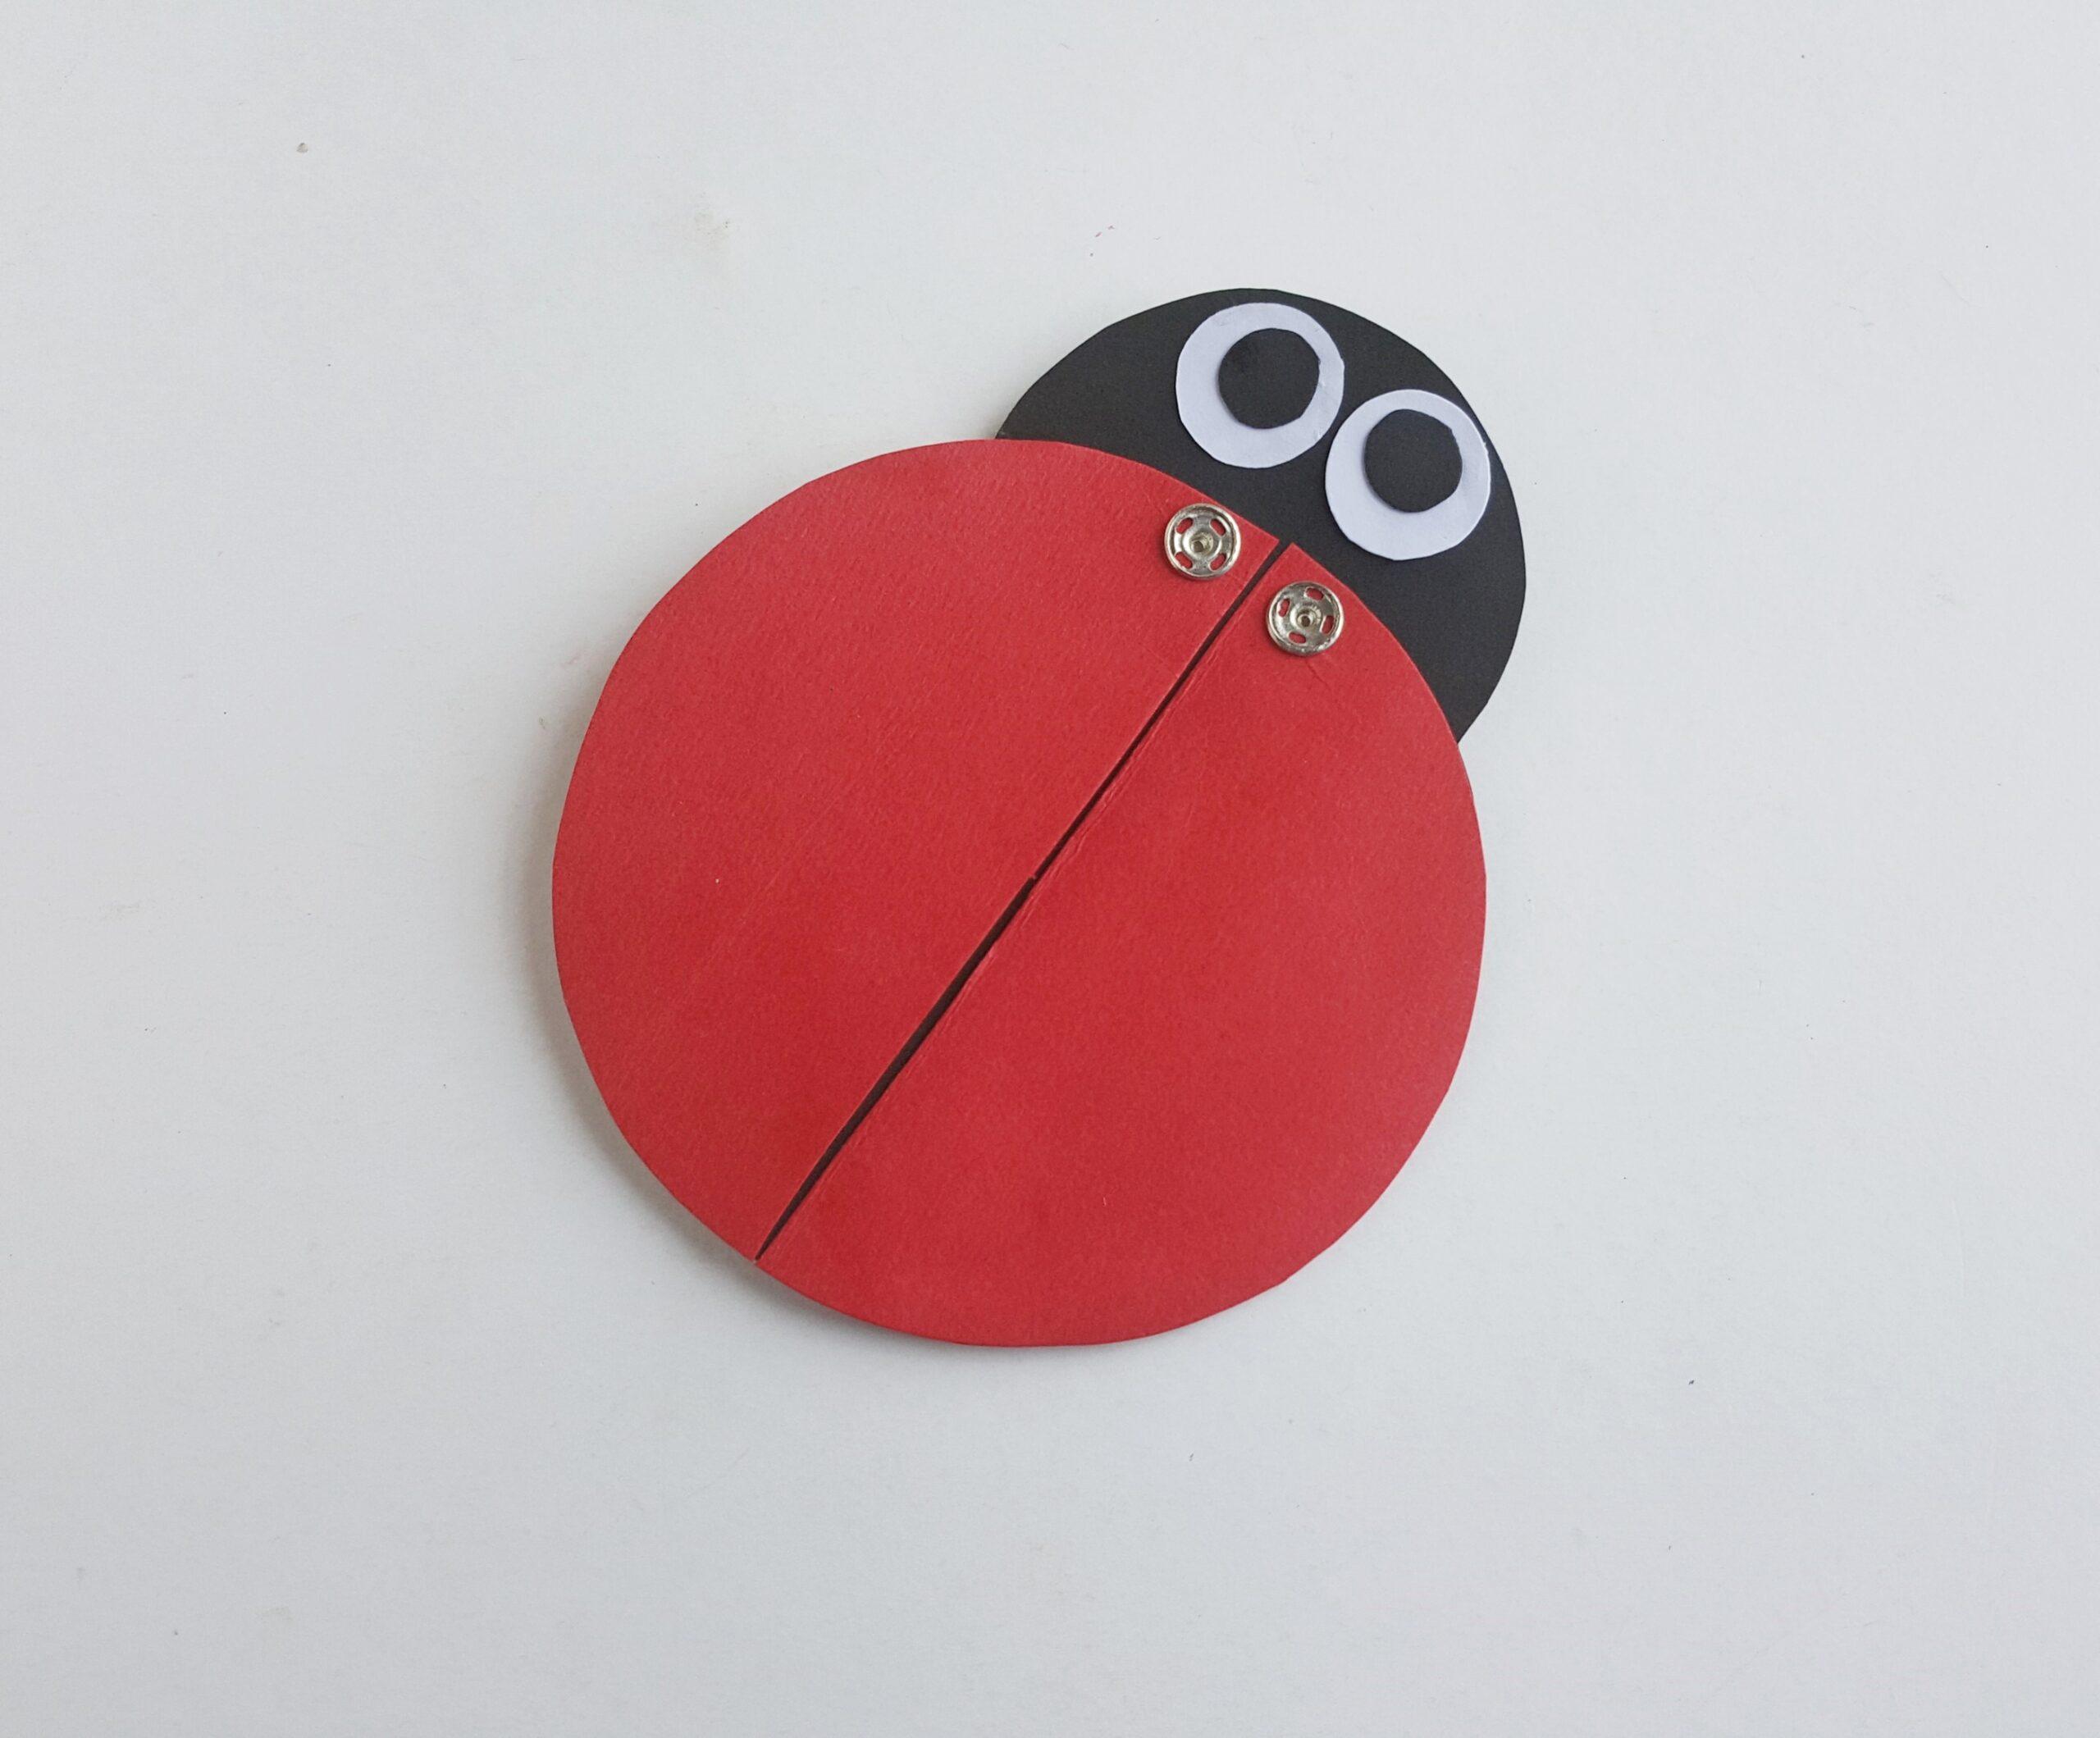 Ladybug Learning Activity Steps